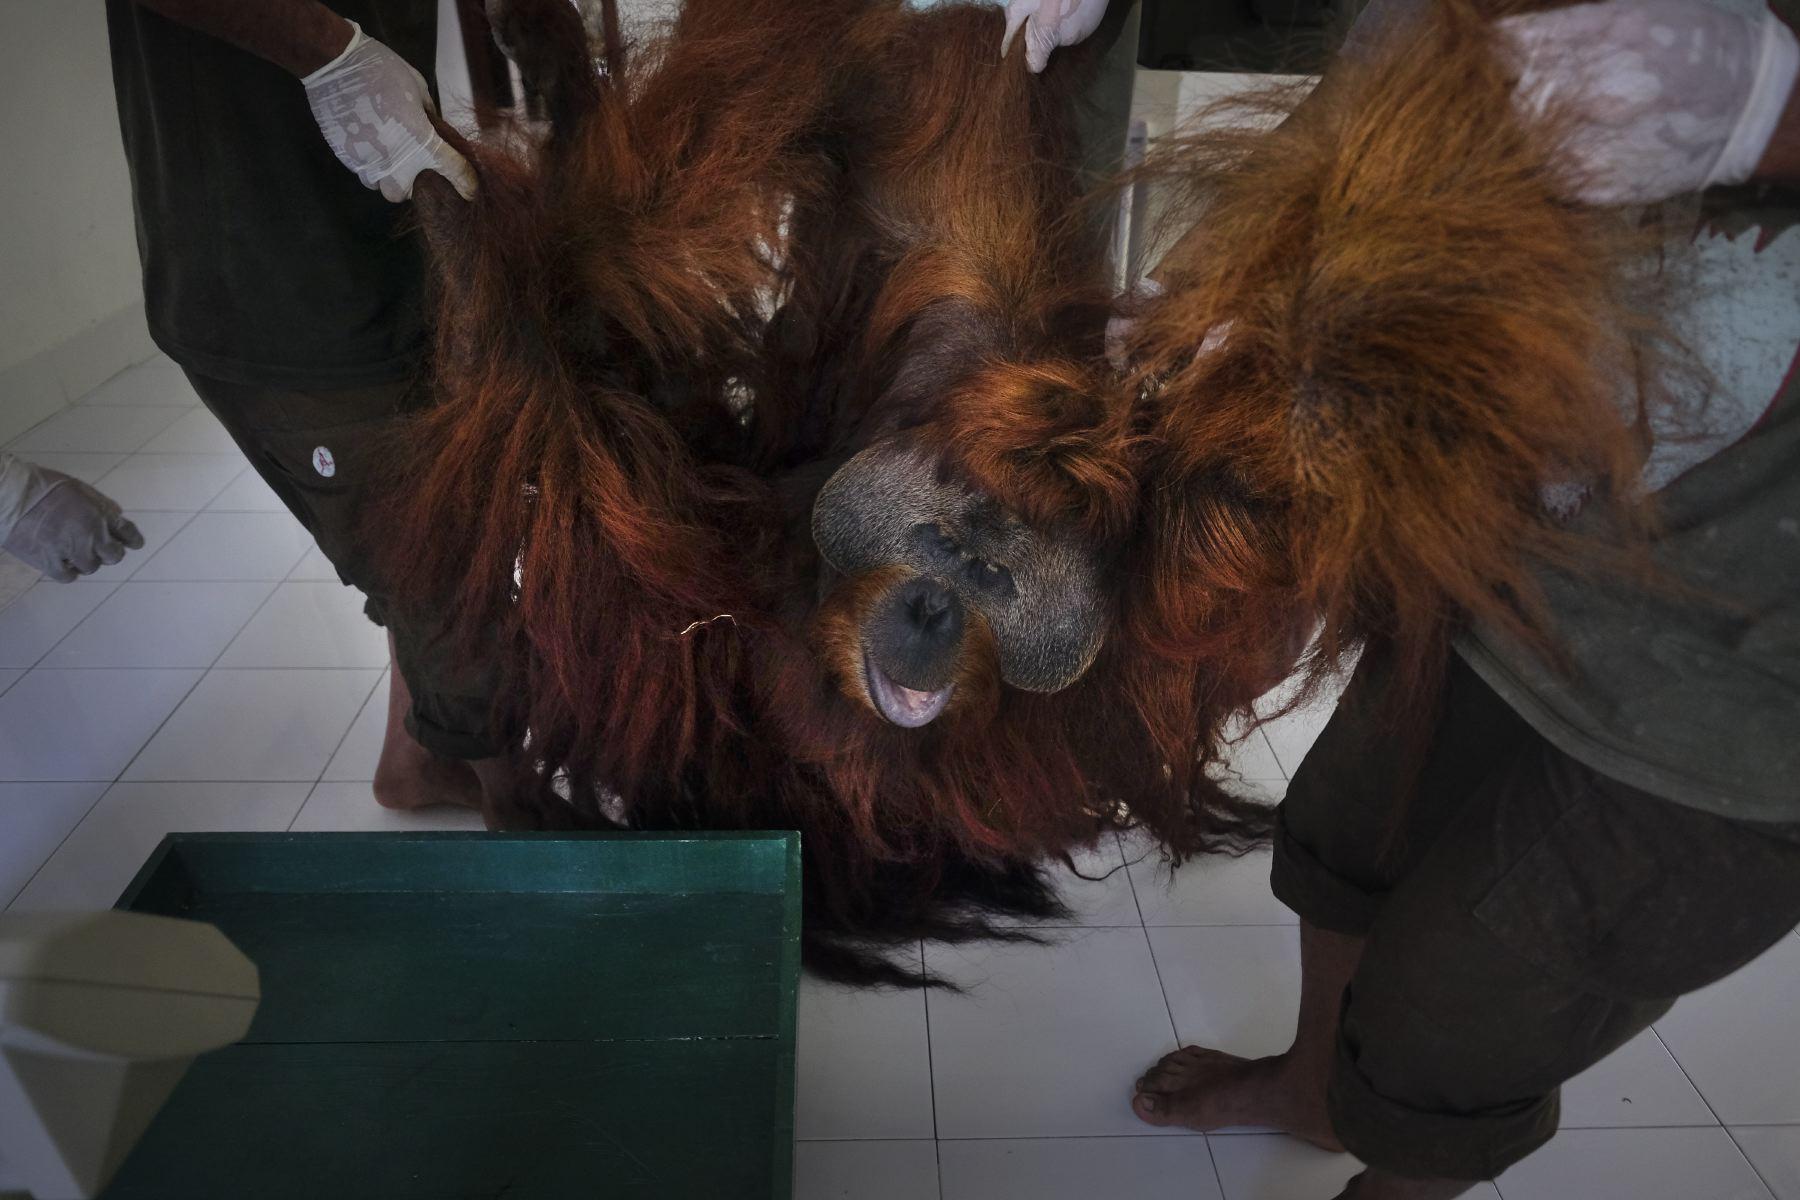 Alain_Schroeder_Saving_Orangutans_03.JPG